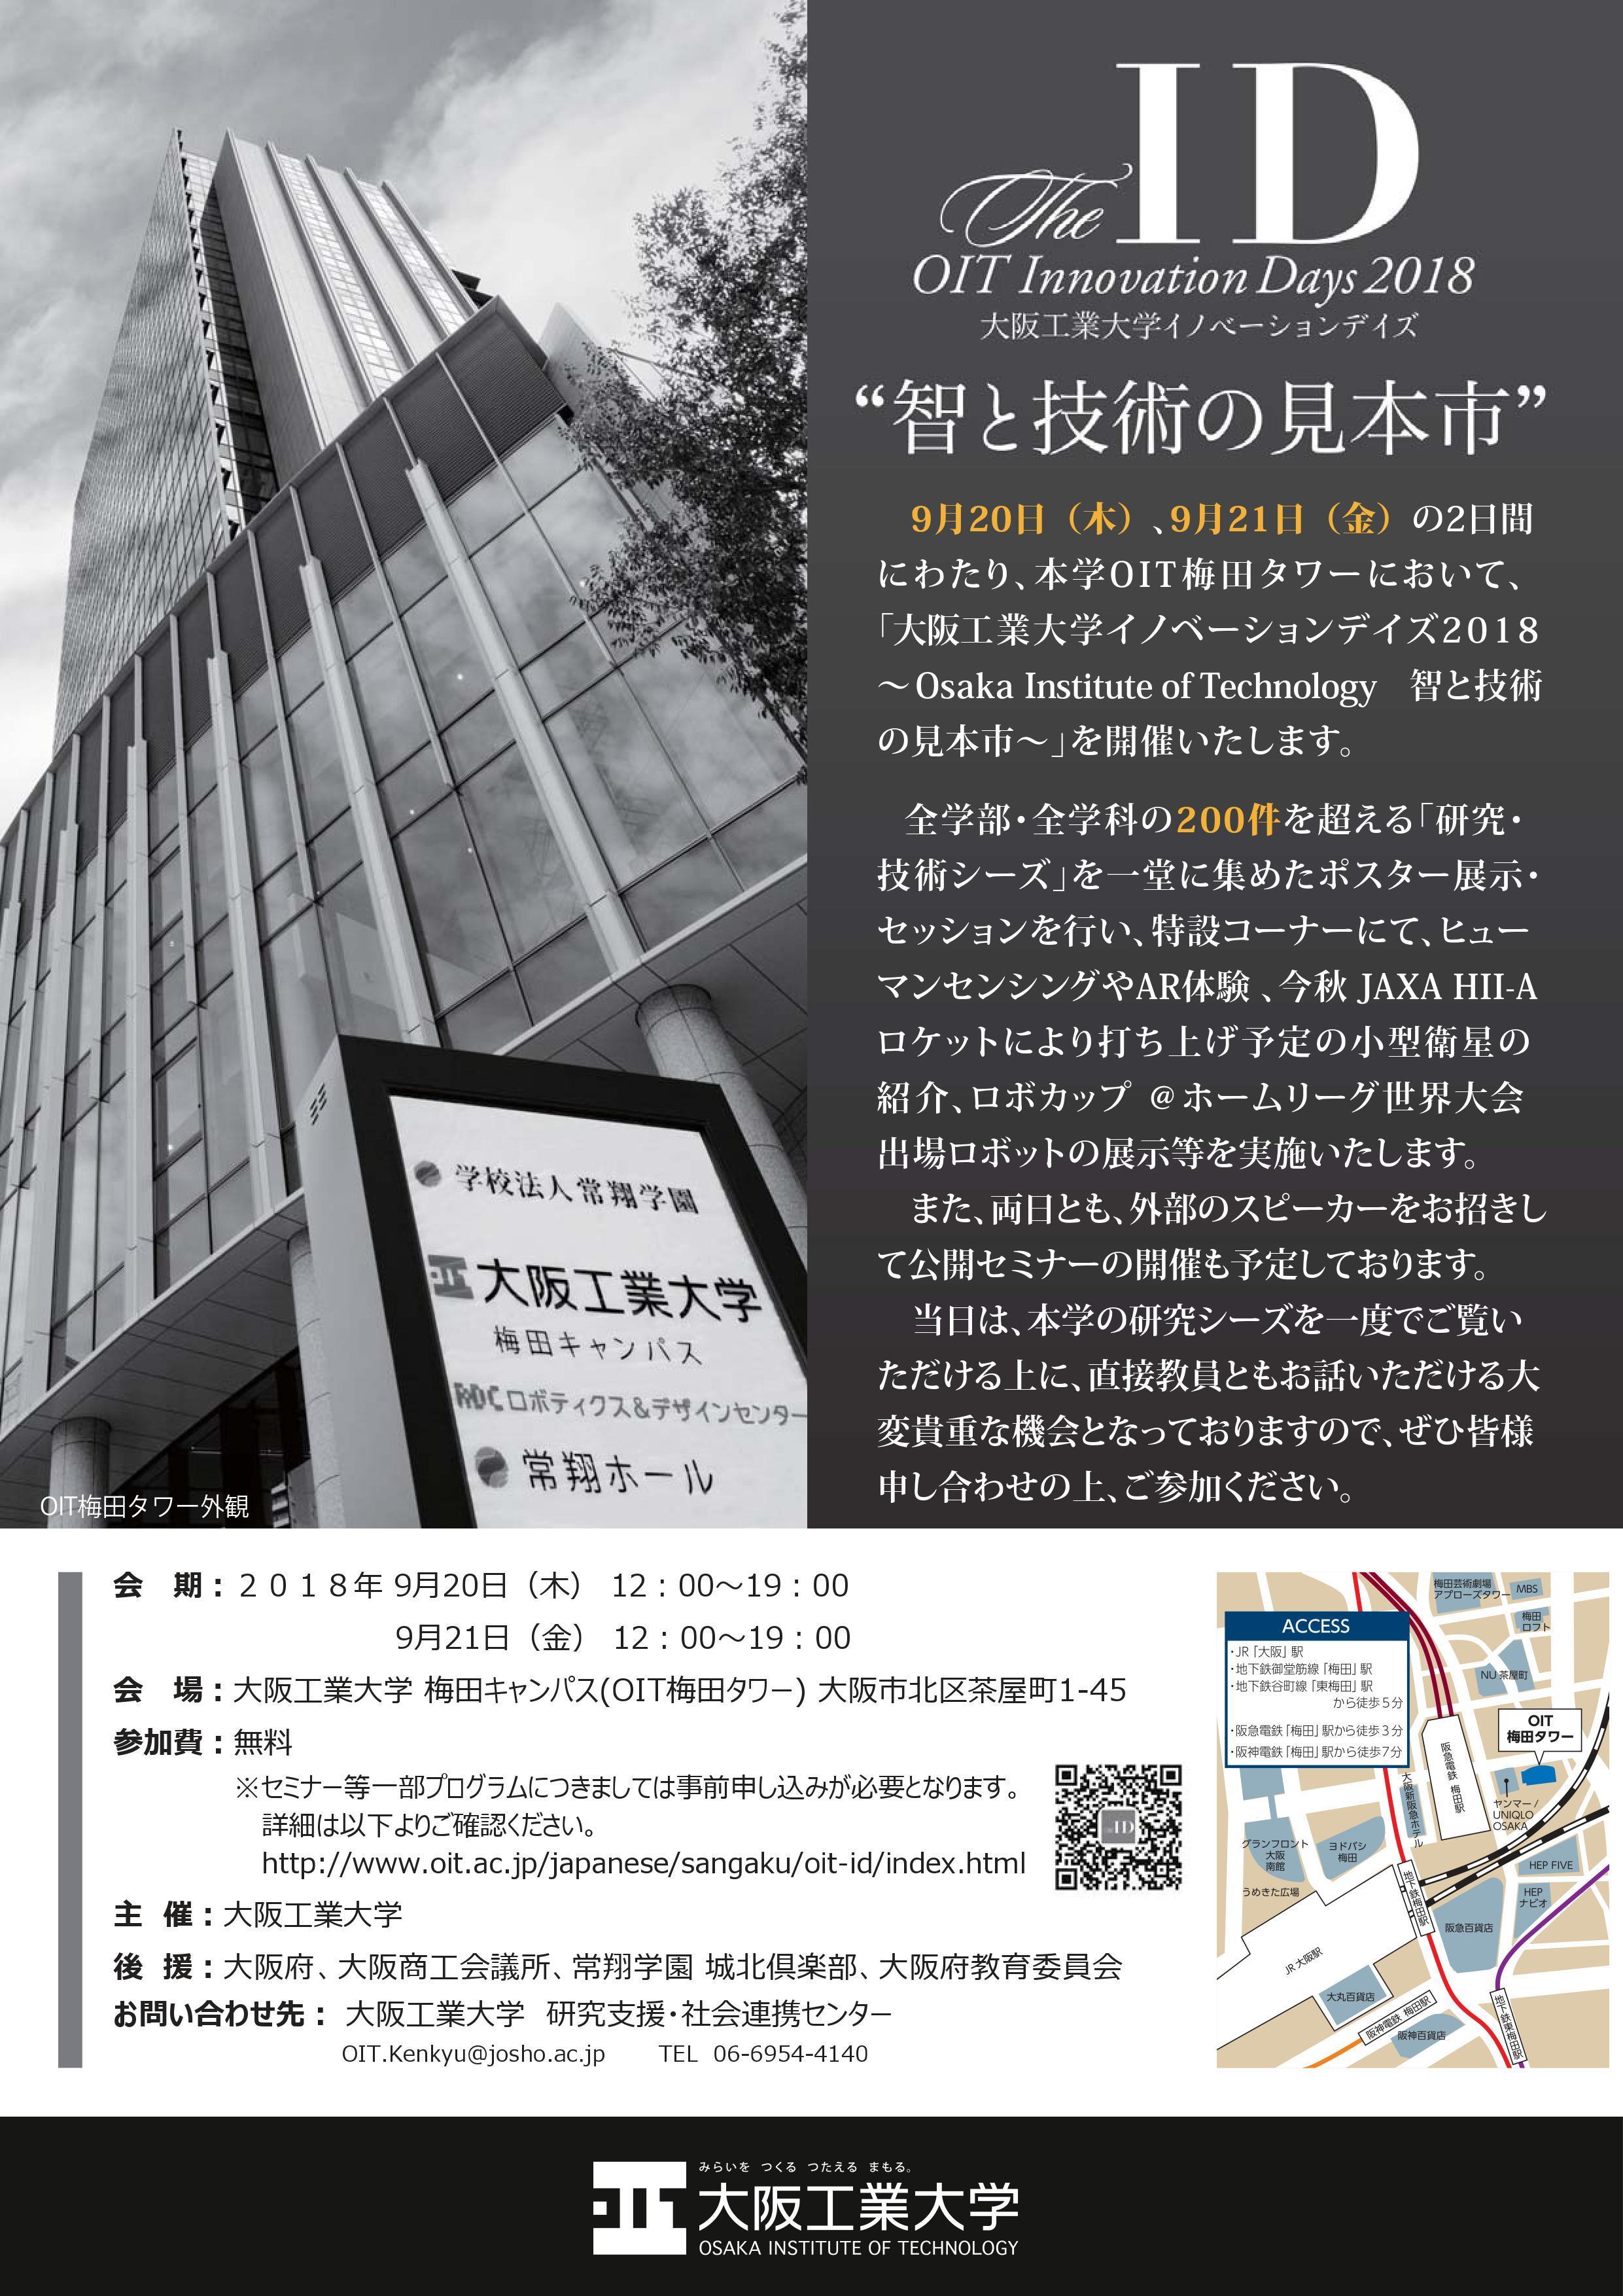 理系の全教員が研究・技術シーズを公開~智と技術の見本市~「大阪工業大学イノベーションデイズ2018」を開催 -- 大阪工業大学